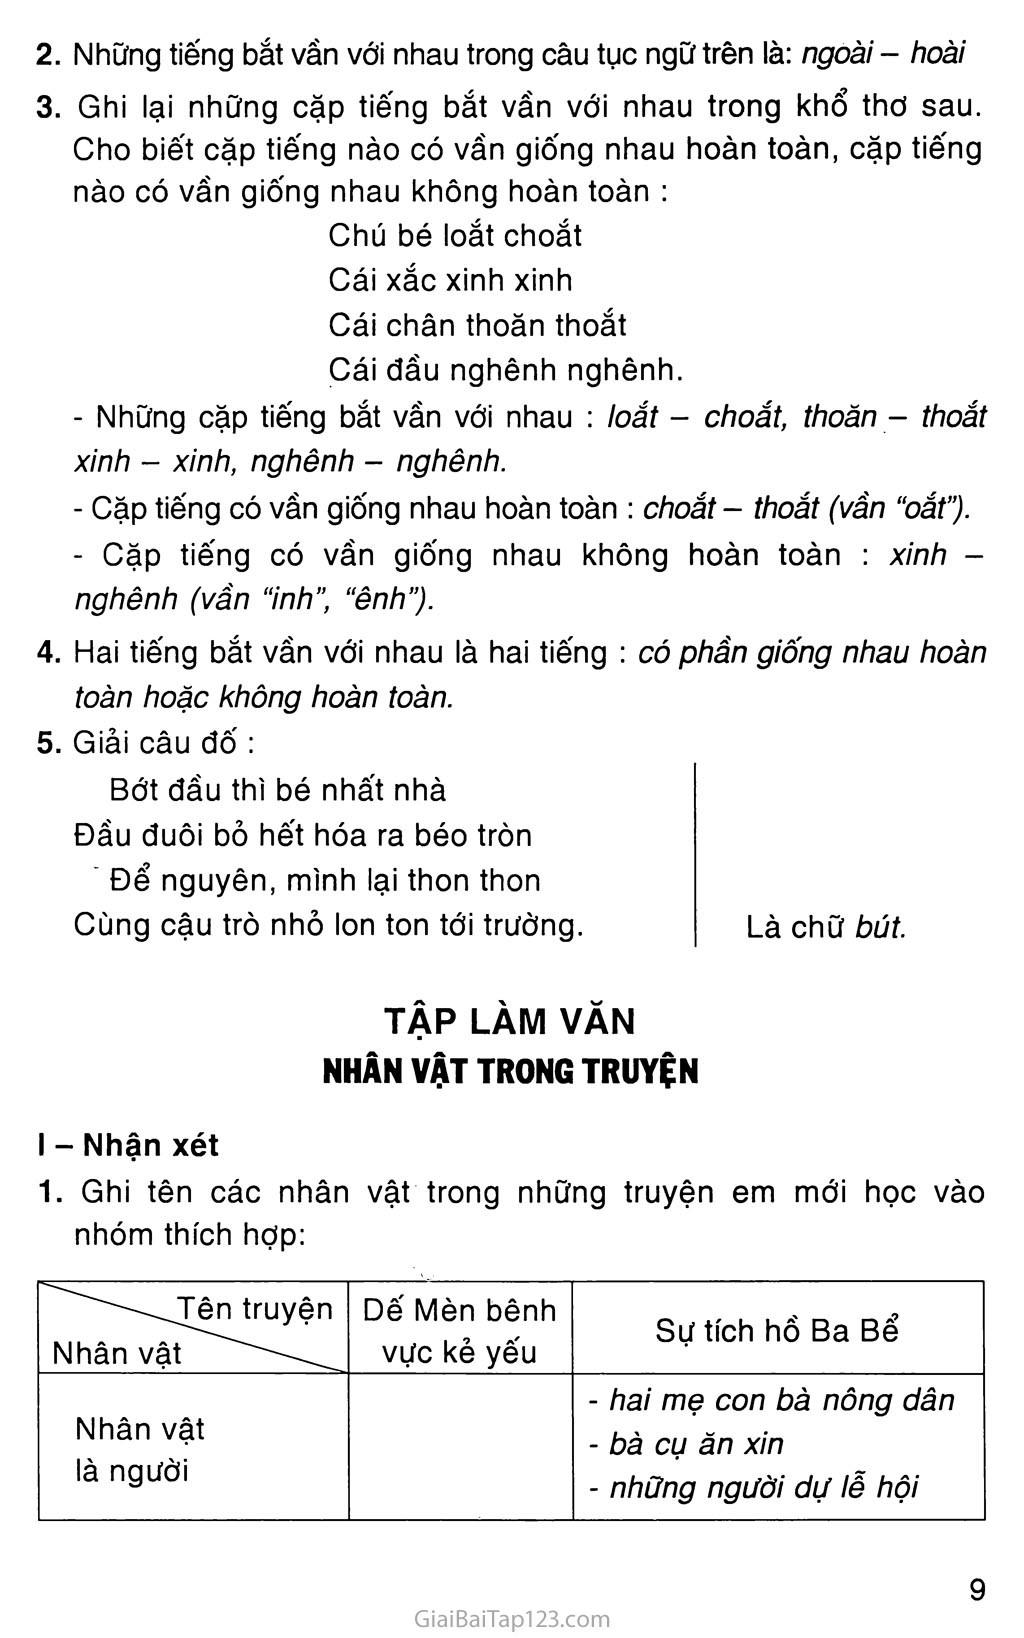 Tuần 1 trang 5